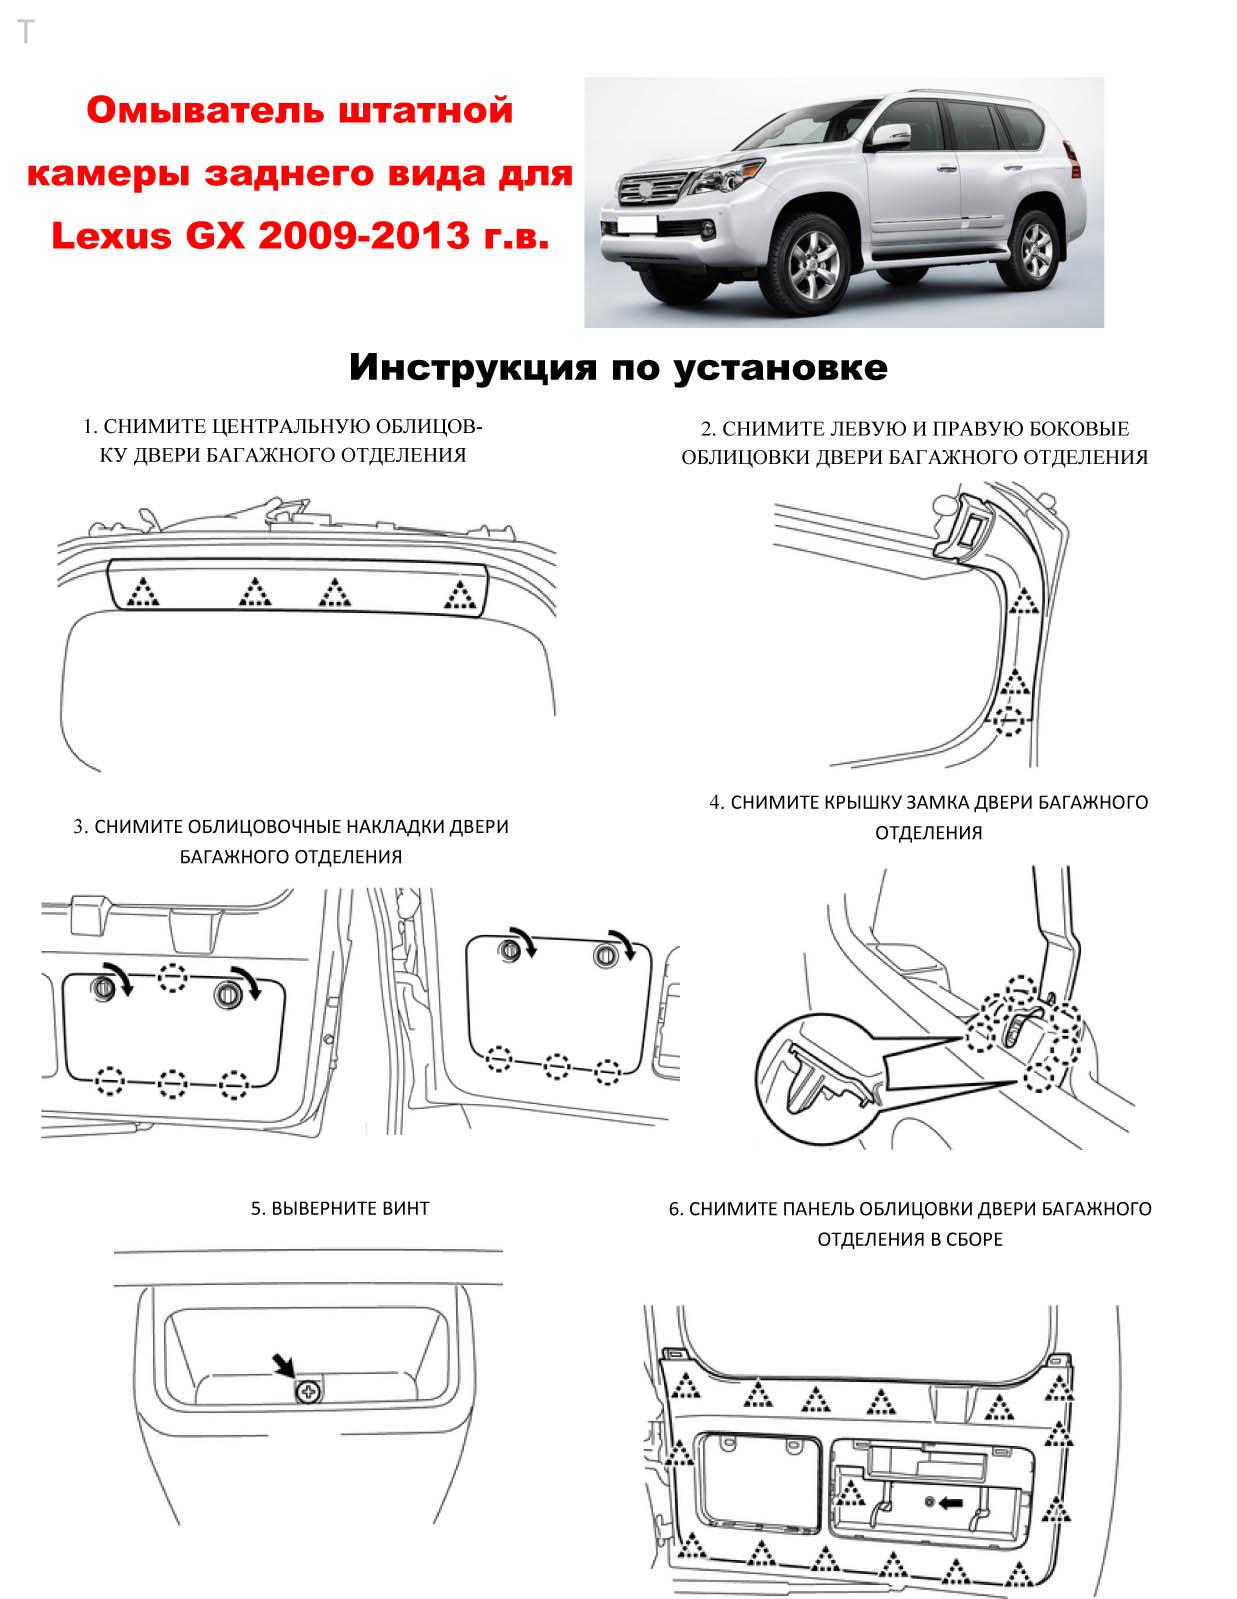 Инструкция по установке омывателя камеры заднего вида для Lexus GX